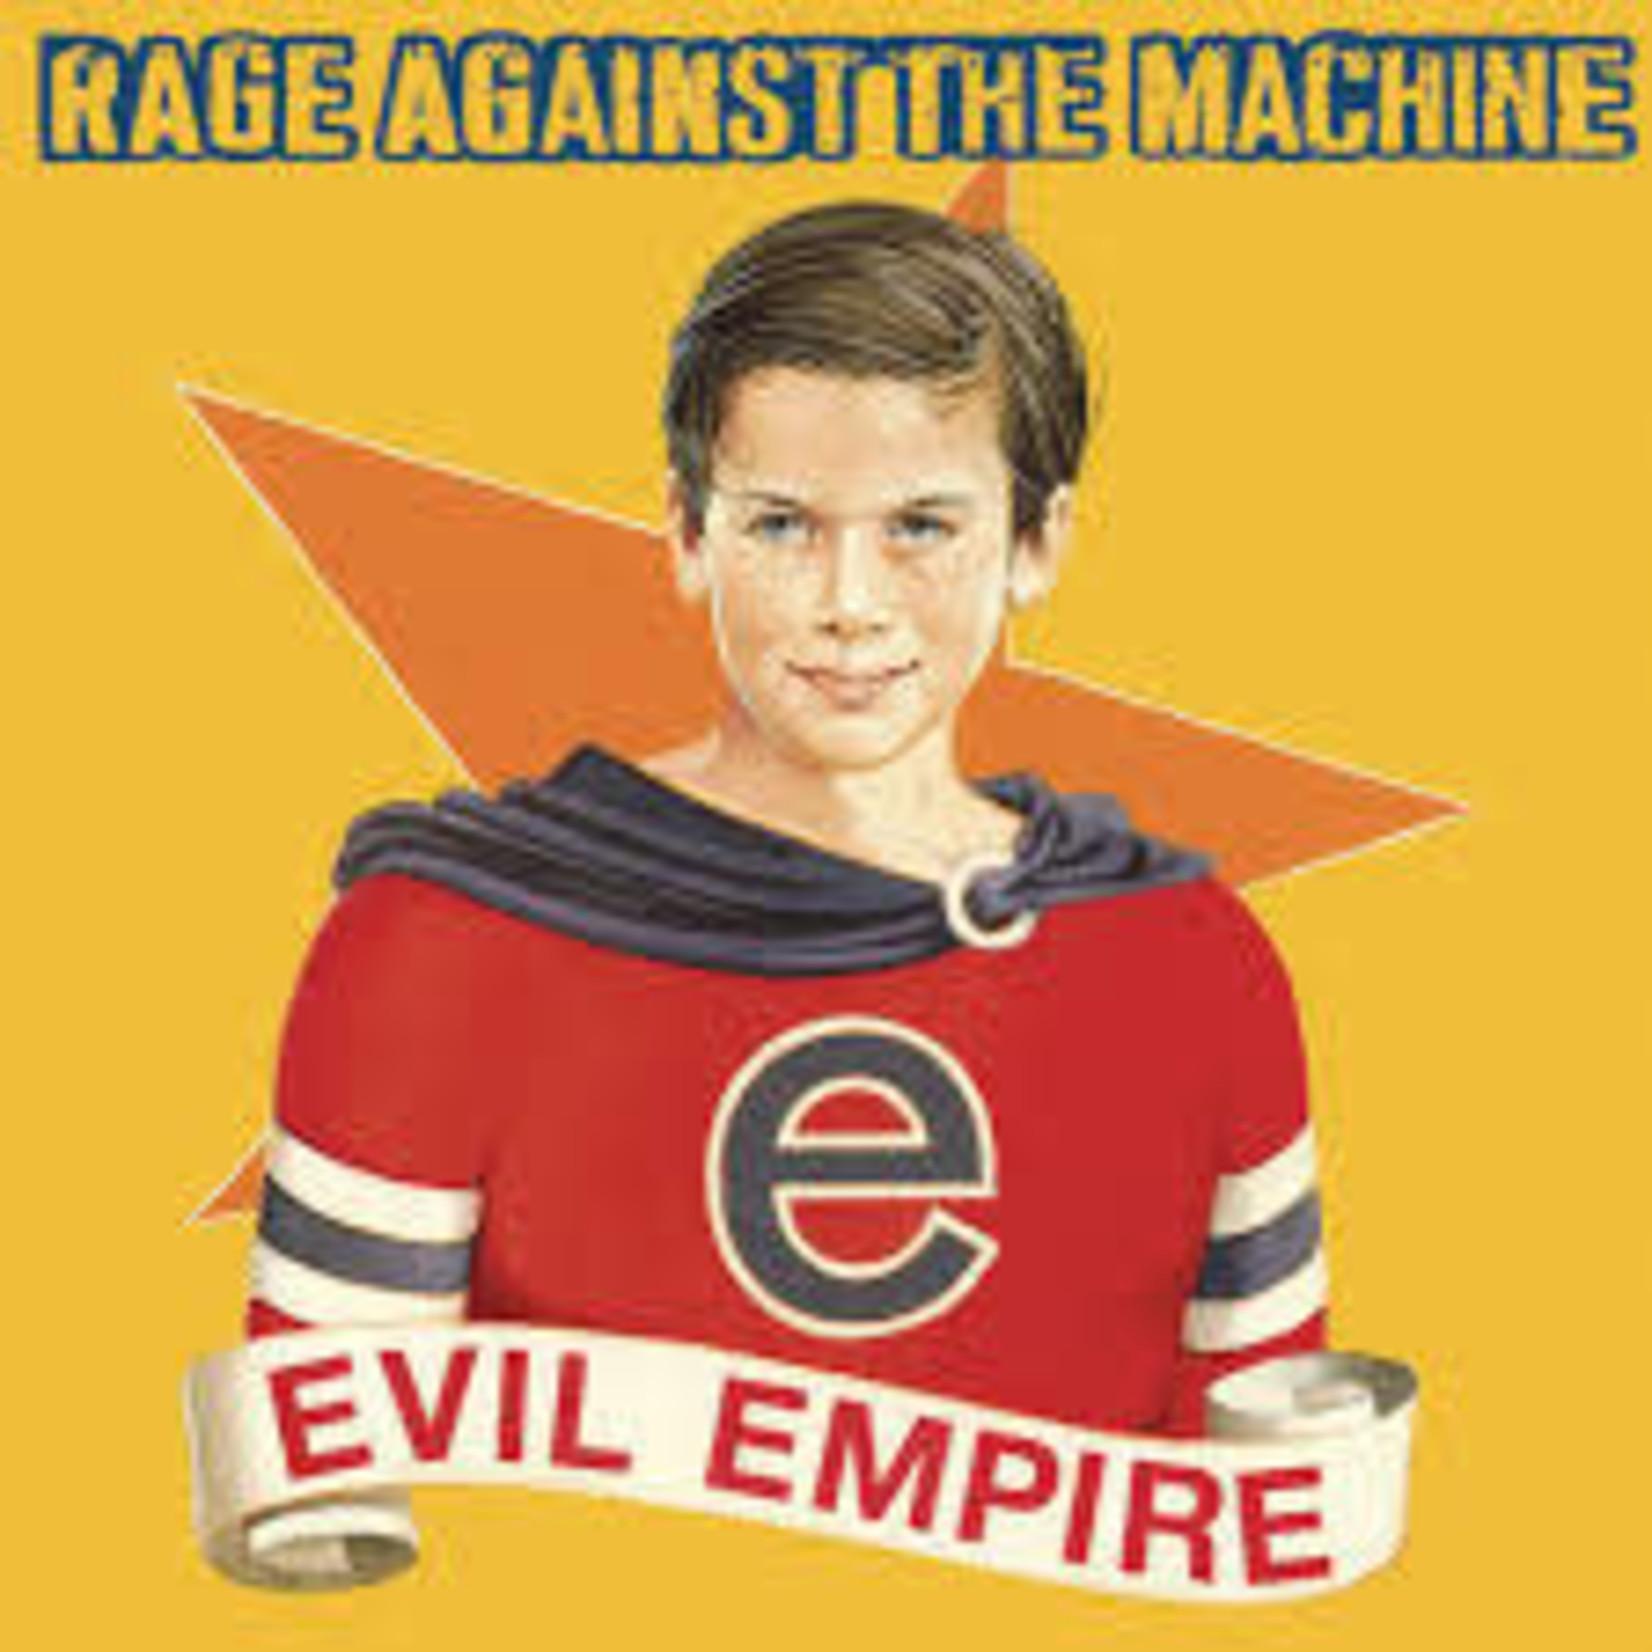 Vinyl Rage Against The Machine - Evil Empire